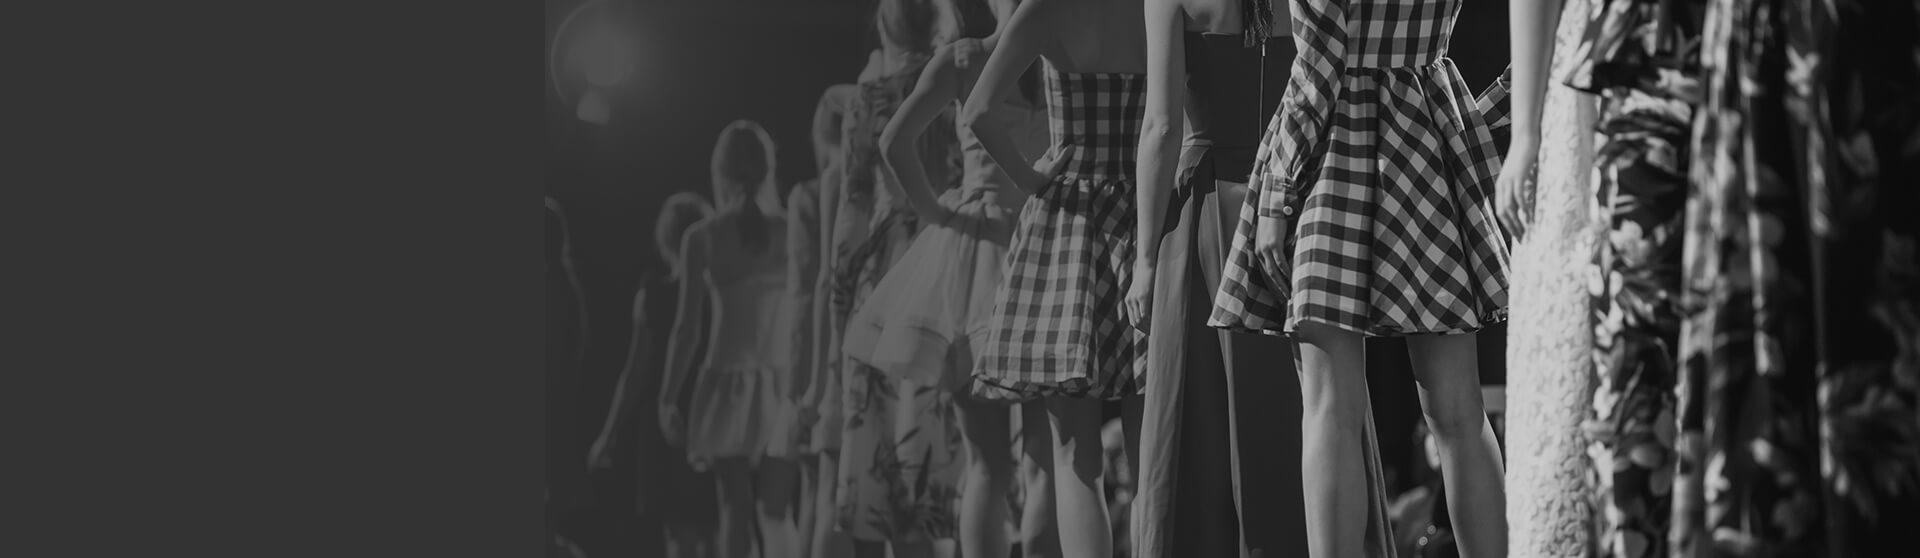 Soluzioni di taglio digitale per l'industria dell'abbigliamento